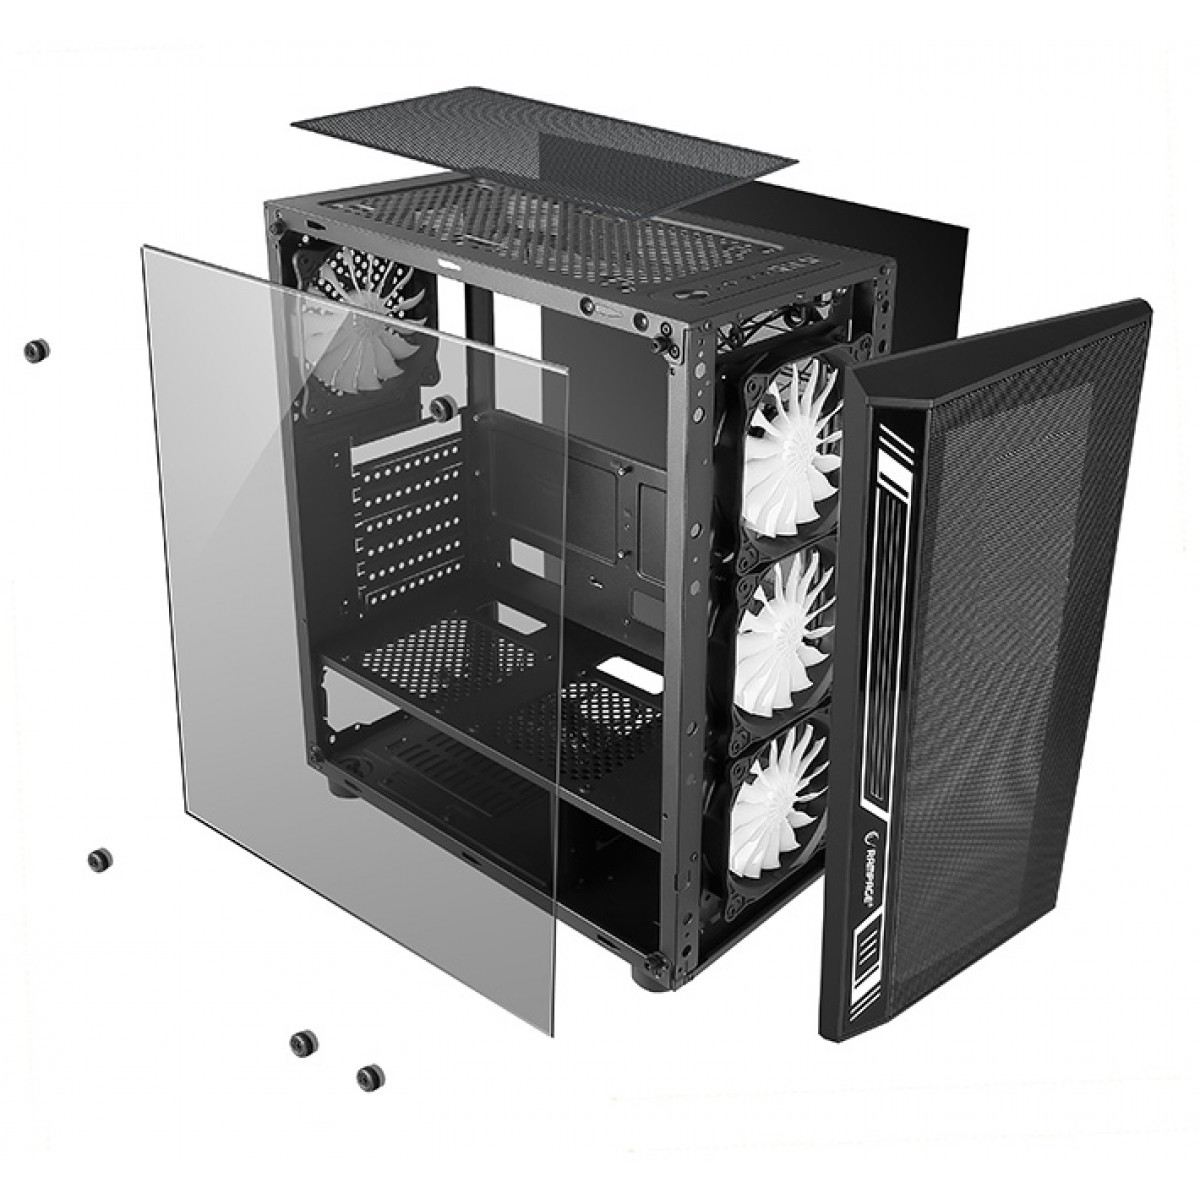 Gabinete Gamer liketec Dex RGB, Mid Tower, Vidro Temperado, Black, Sem Fonte, Com 3 Fans